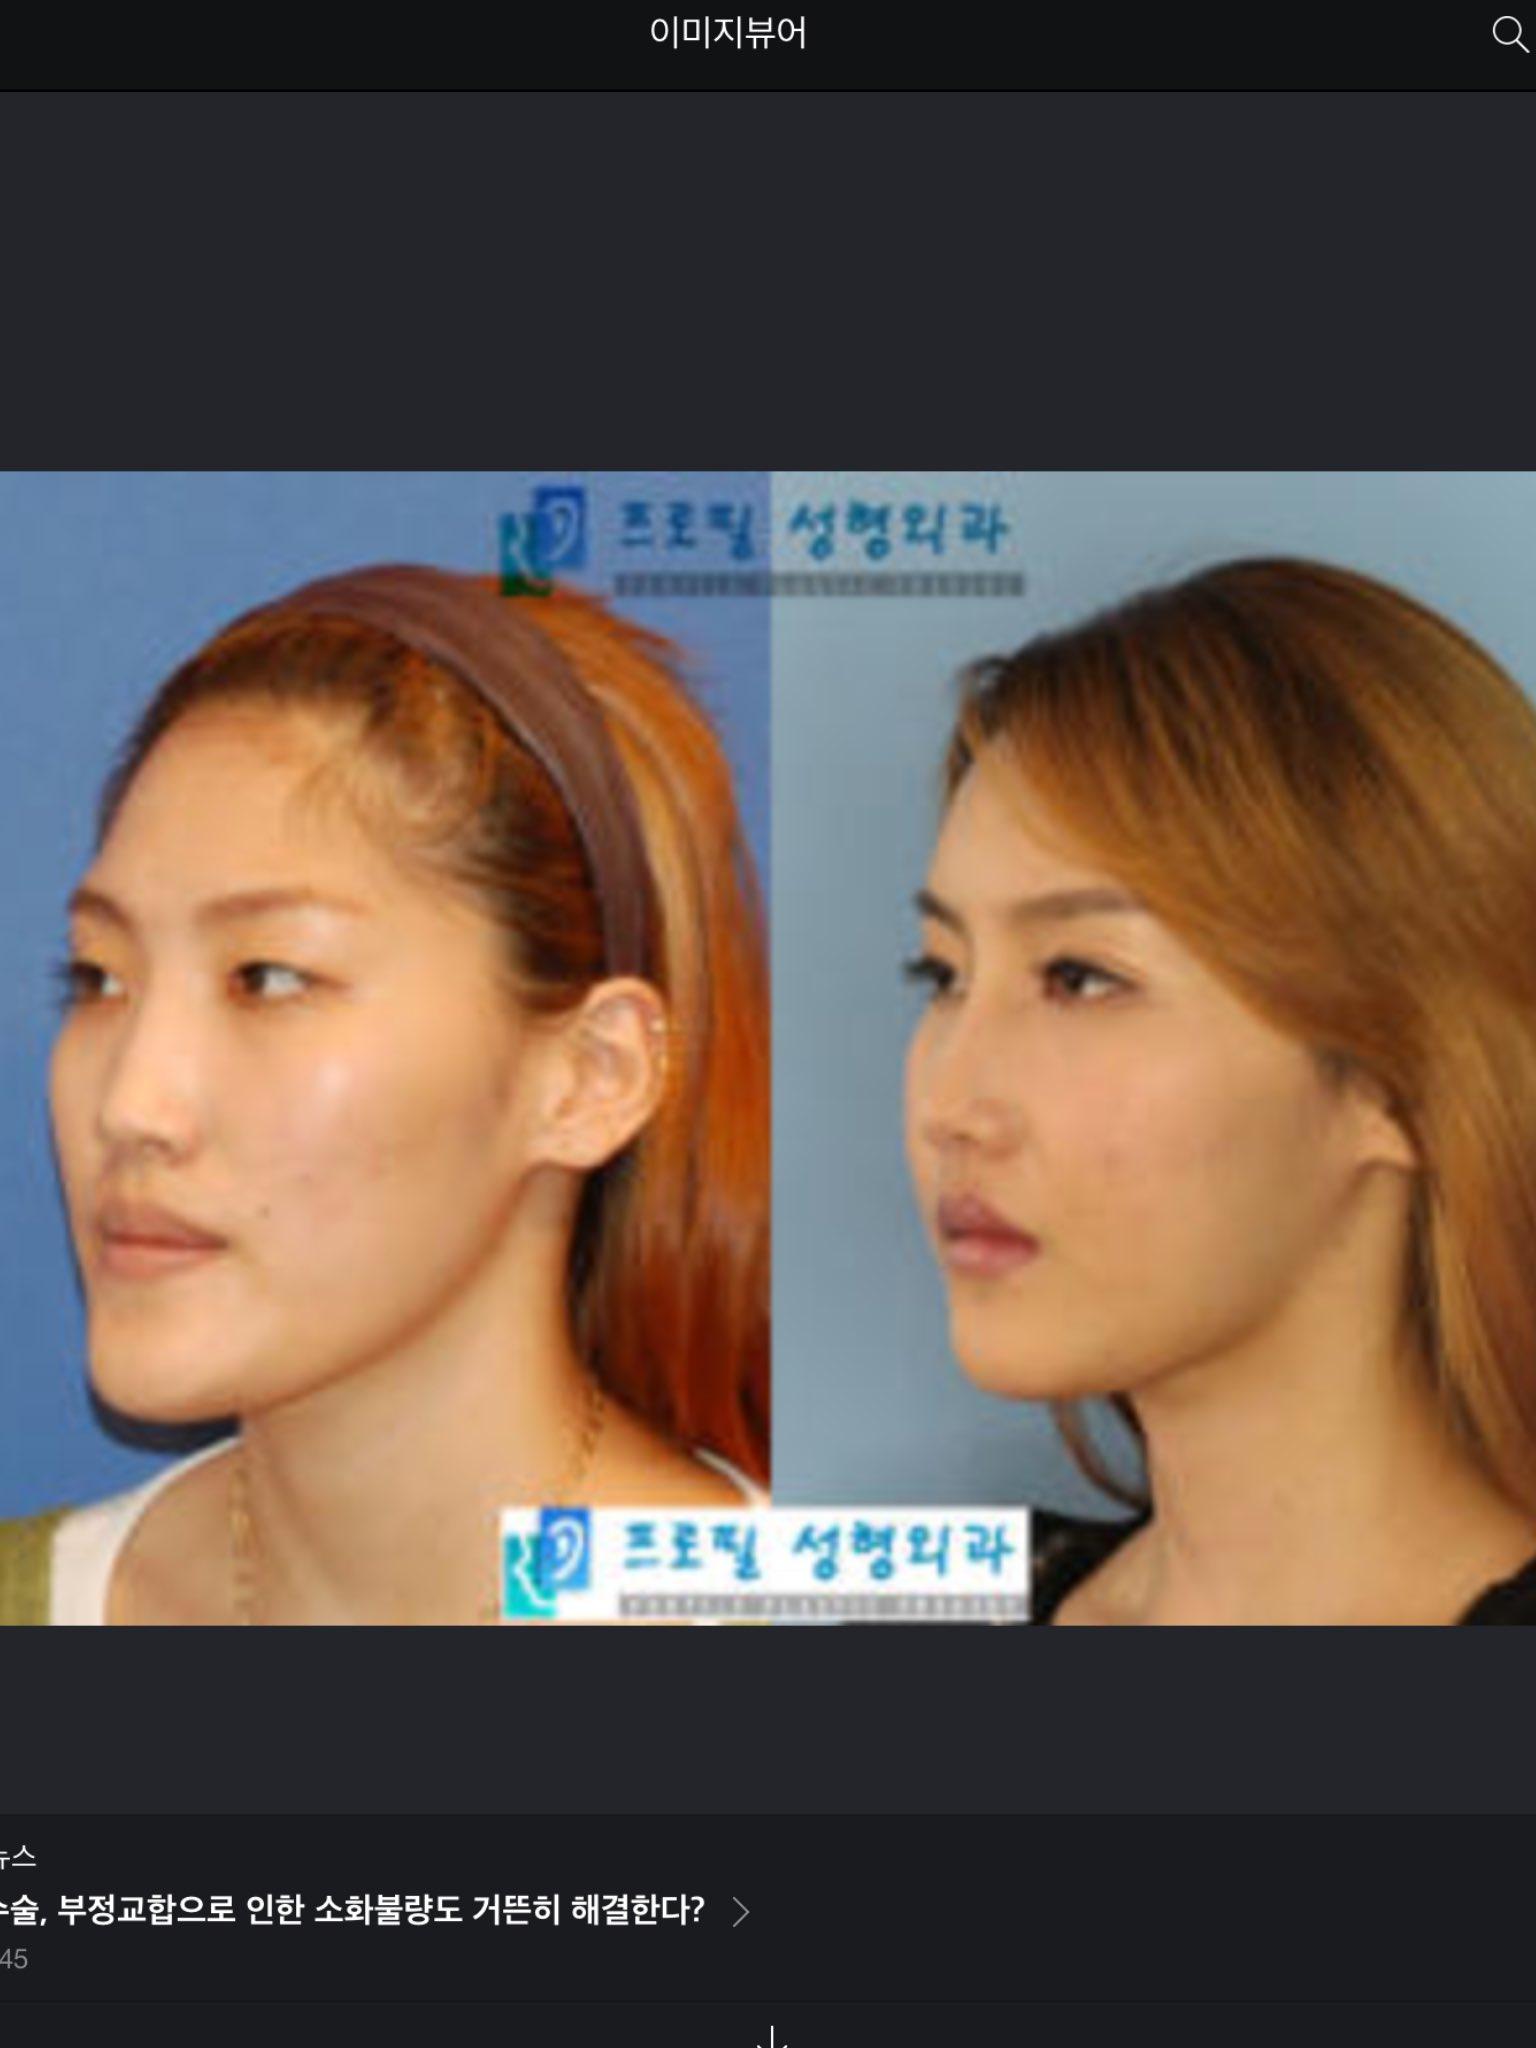 変わりすぎだろ・・・日中韓の女性の美意識の違いが面白いwww